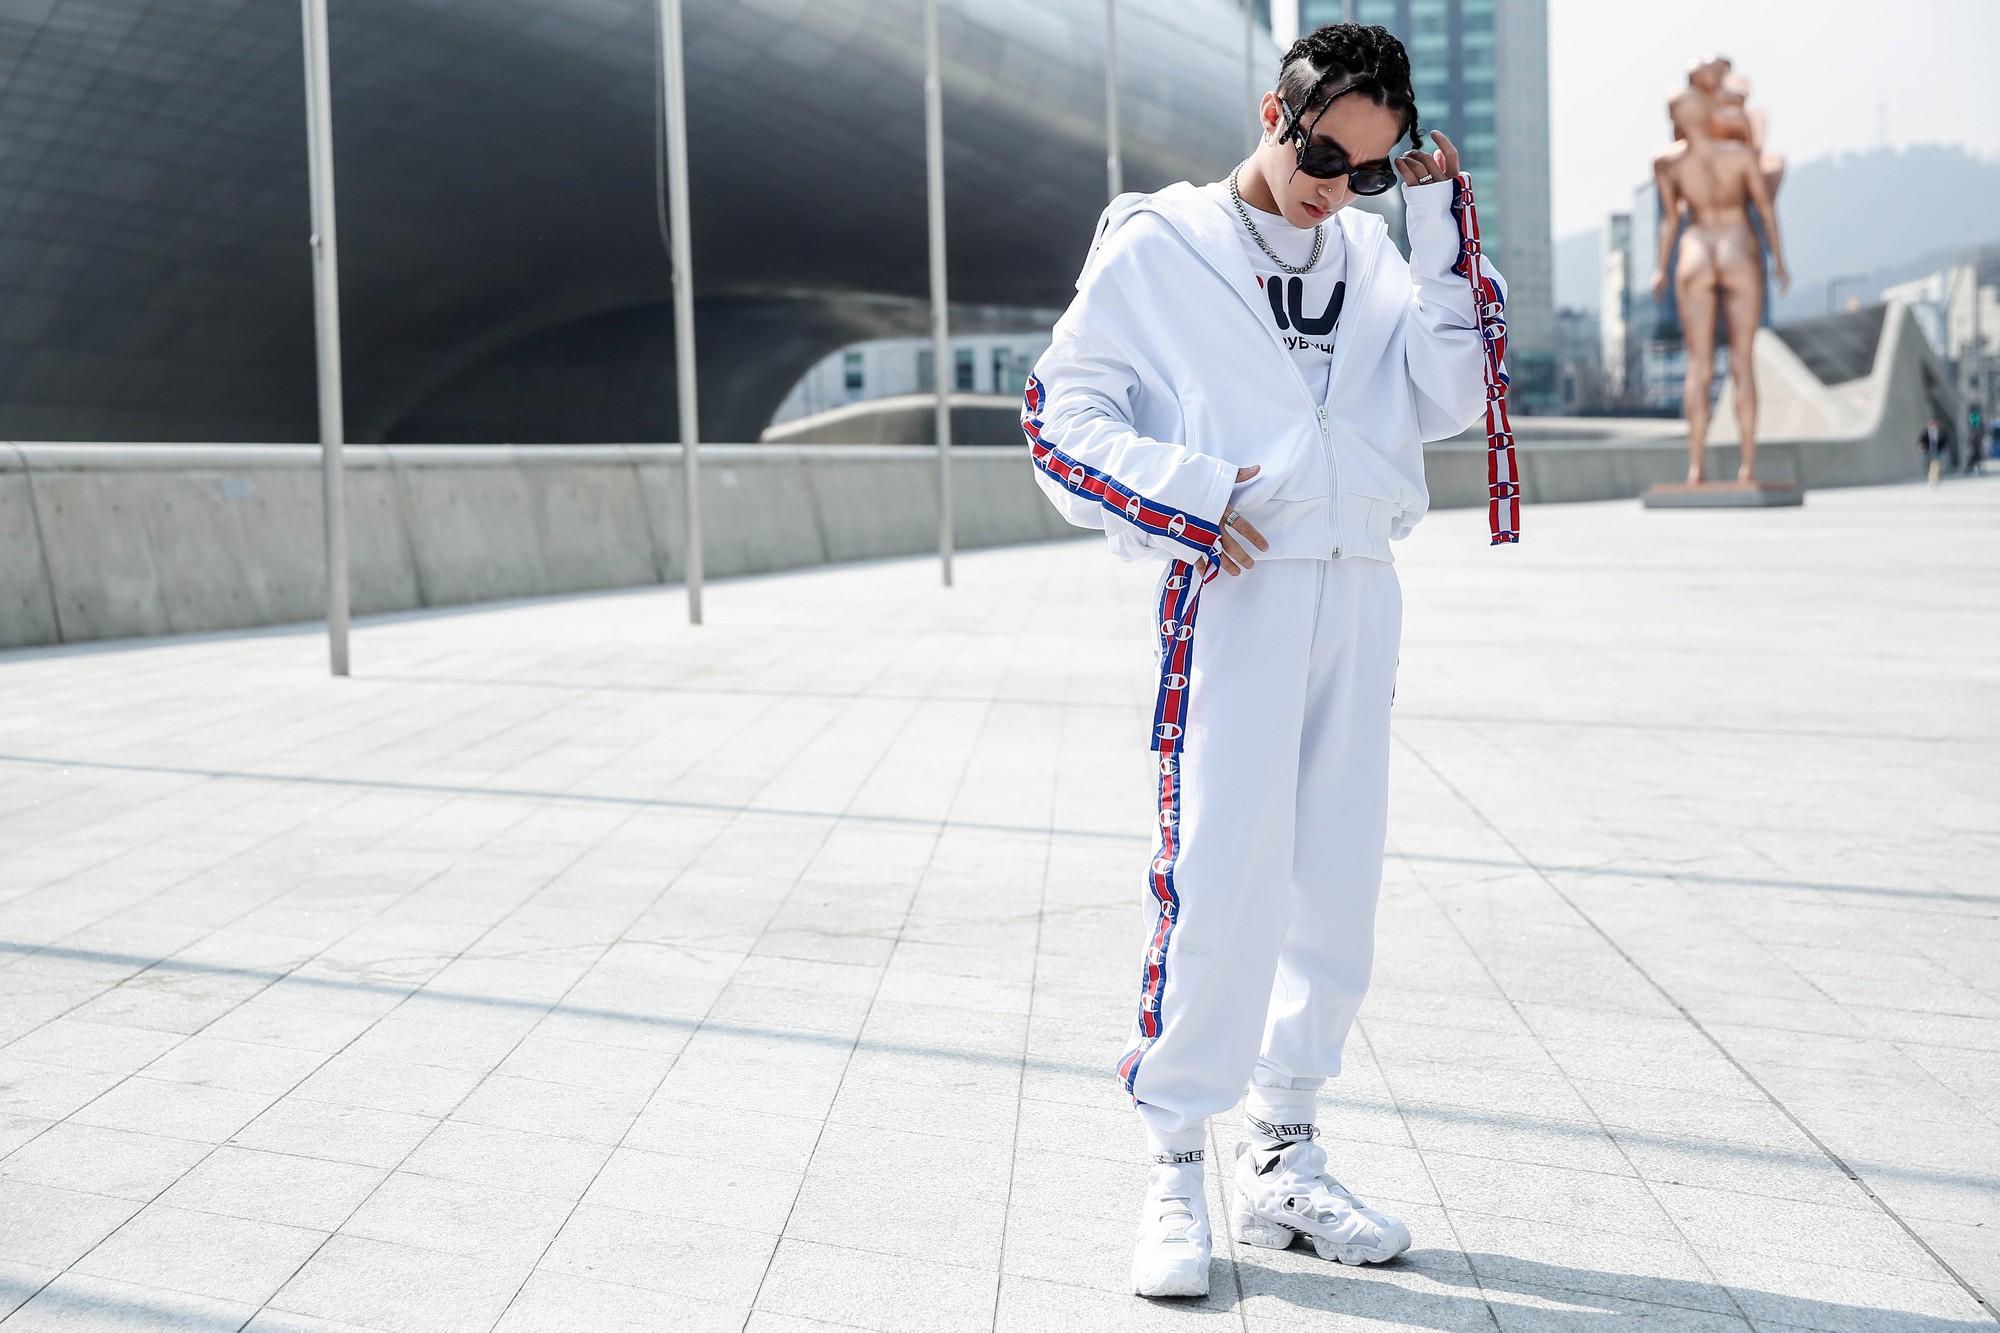 Top 9 xu hướng thời trang đường phố nổi bật nhất năm 2017 do tạp chí HYPEBEAST bình chọn - Ảnh 8.